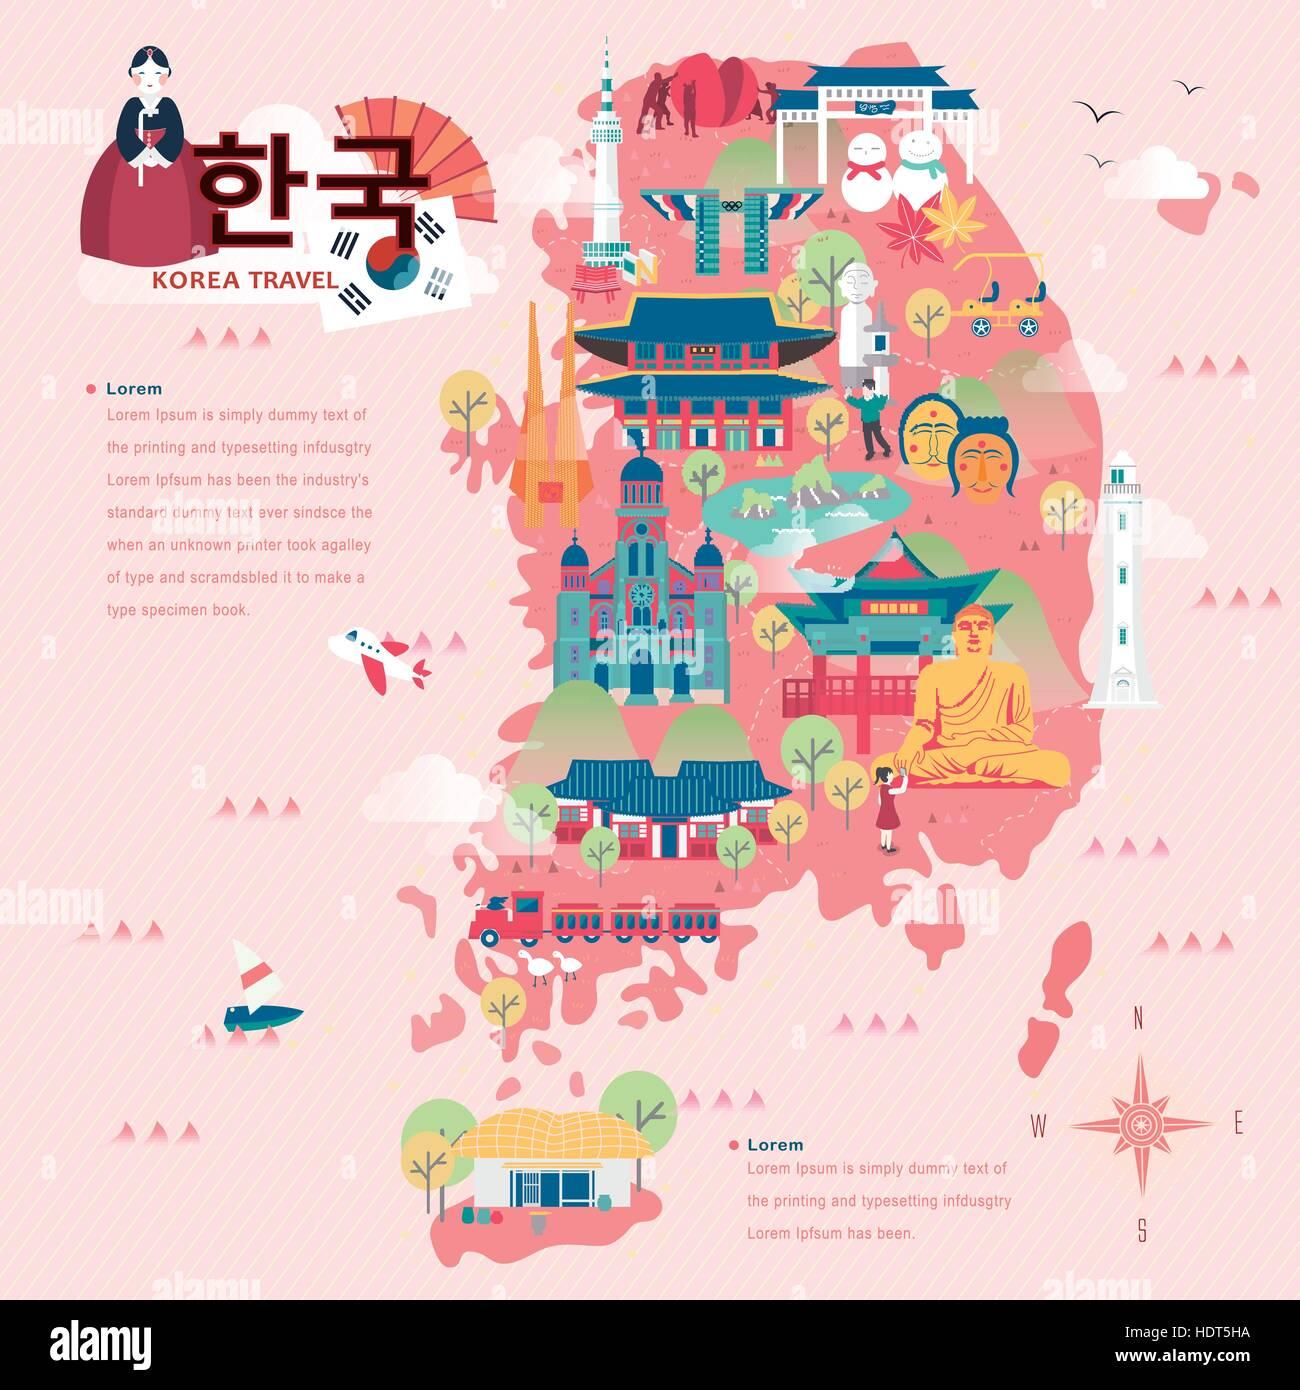 Korean poster design - Adorable South Korea Travel Map In Flat Style Korea In Korean Words On Upper Left